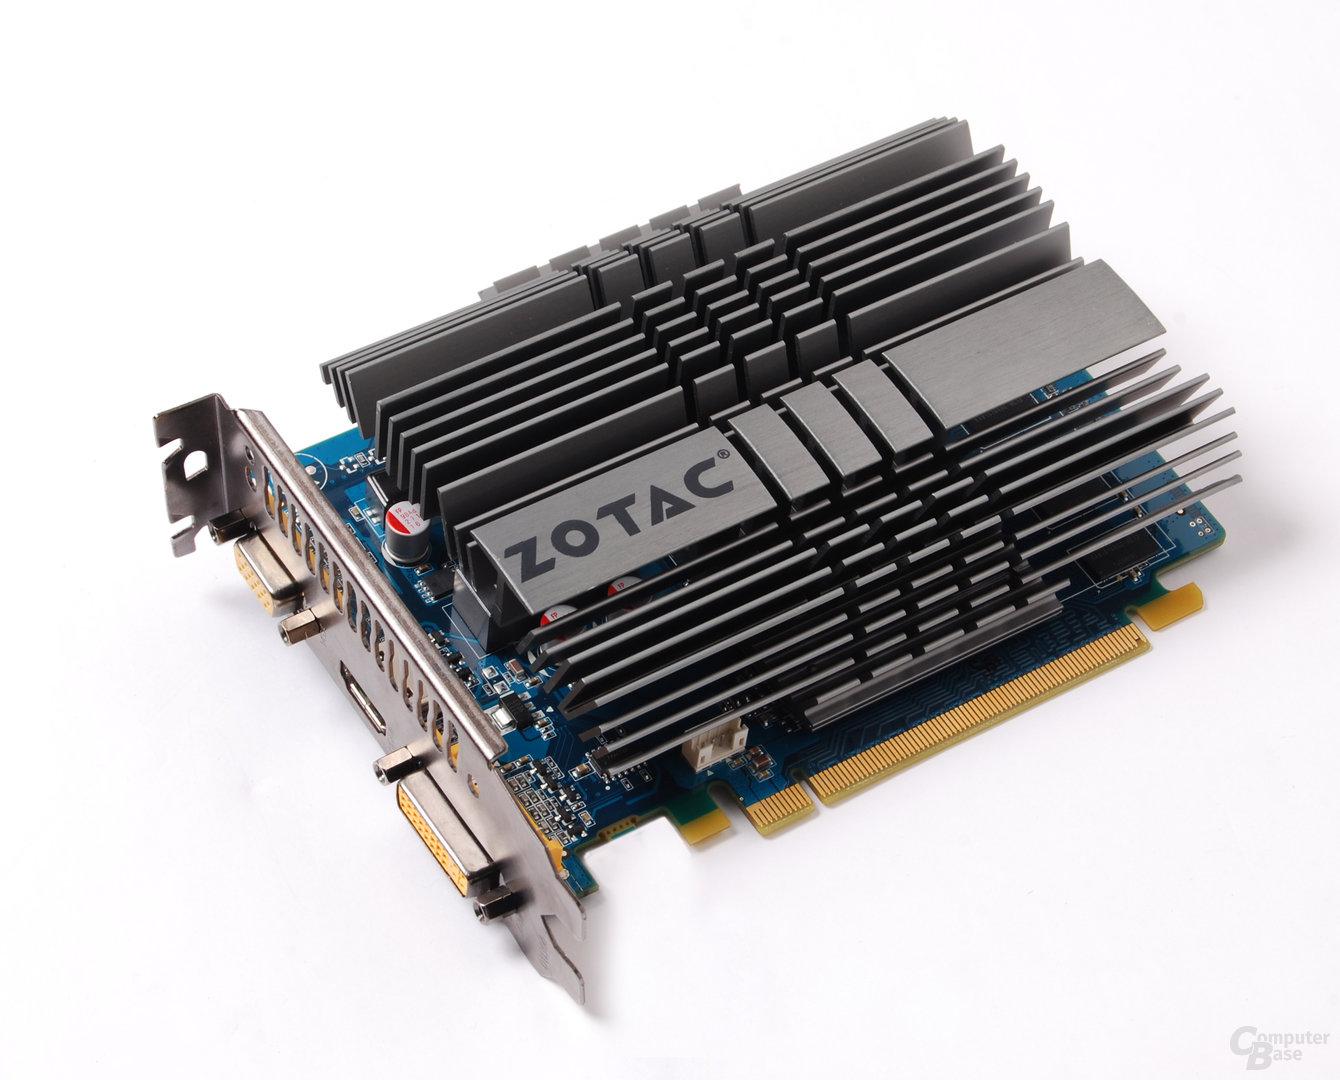 Zotac GeForce GT 240 ZONE Edition